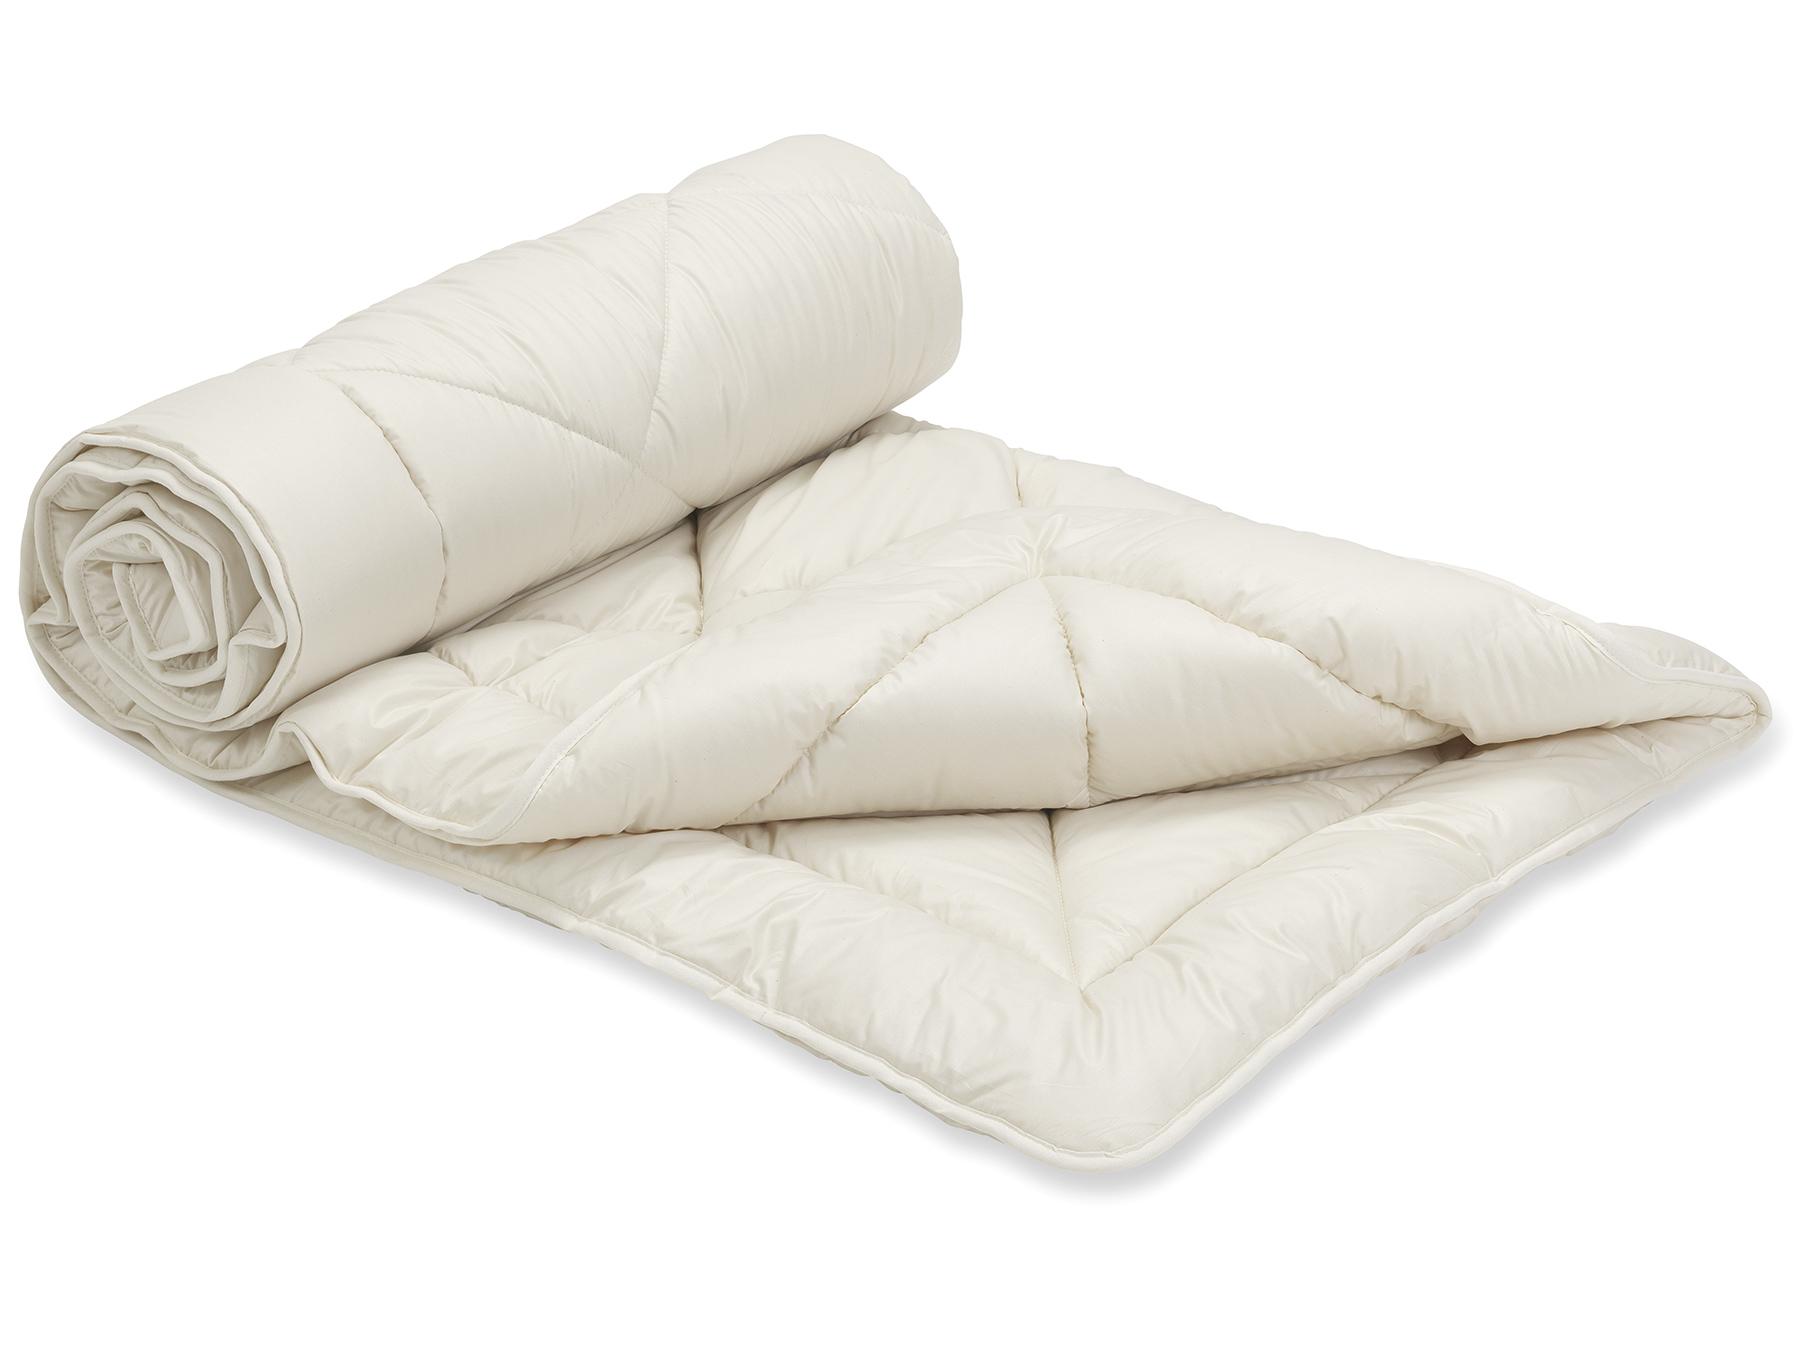 Füllung: Schafschurwolle und Zirbenflocken (kbT), Bezug: Feinbatist aus Bio-Baumwolle (kbA)